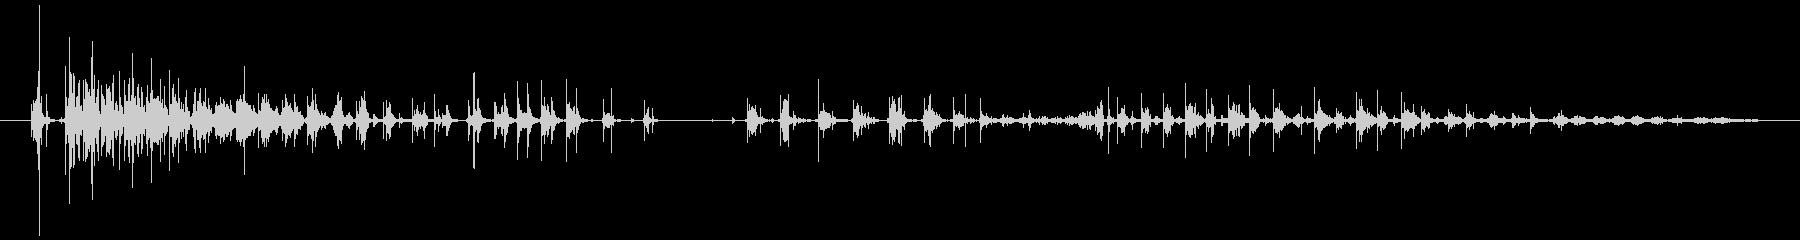 体 リップスマッキングロング01の未再生の波形